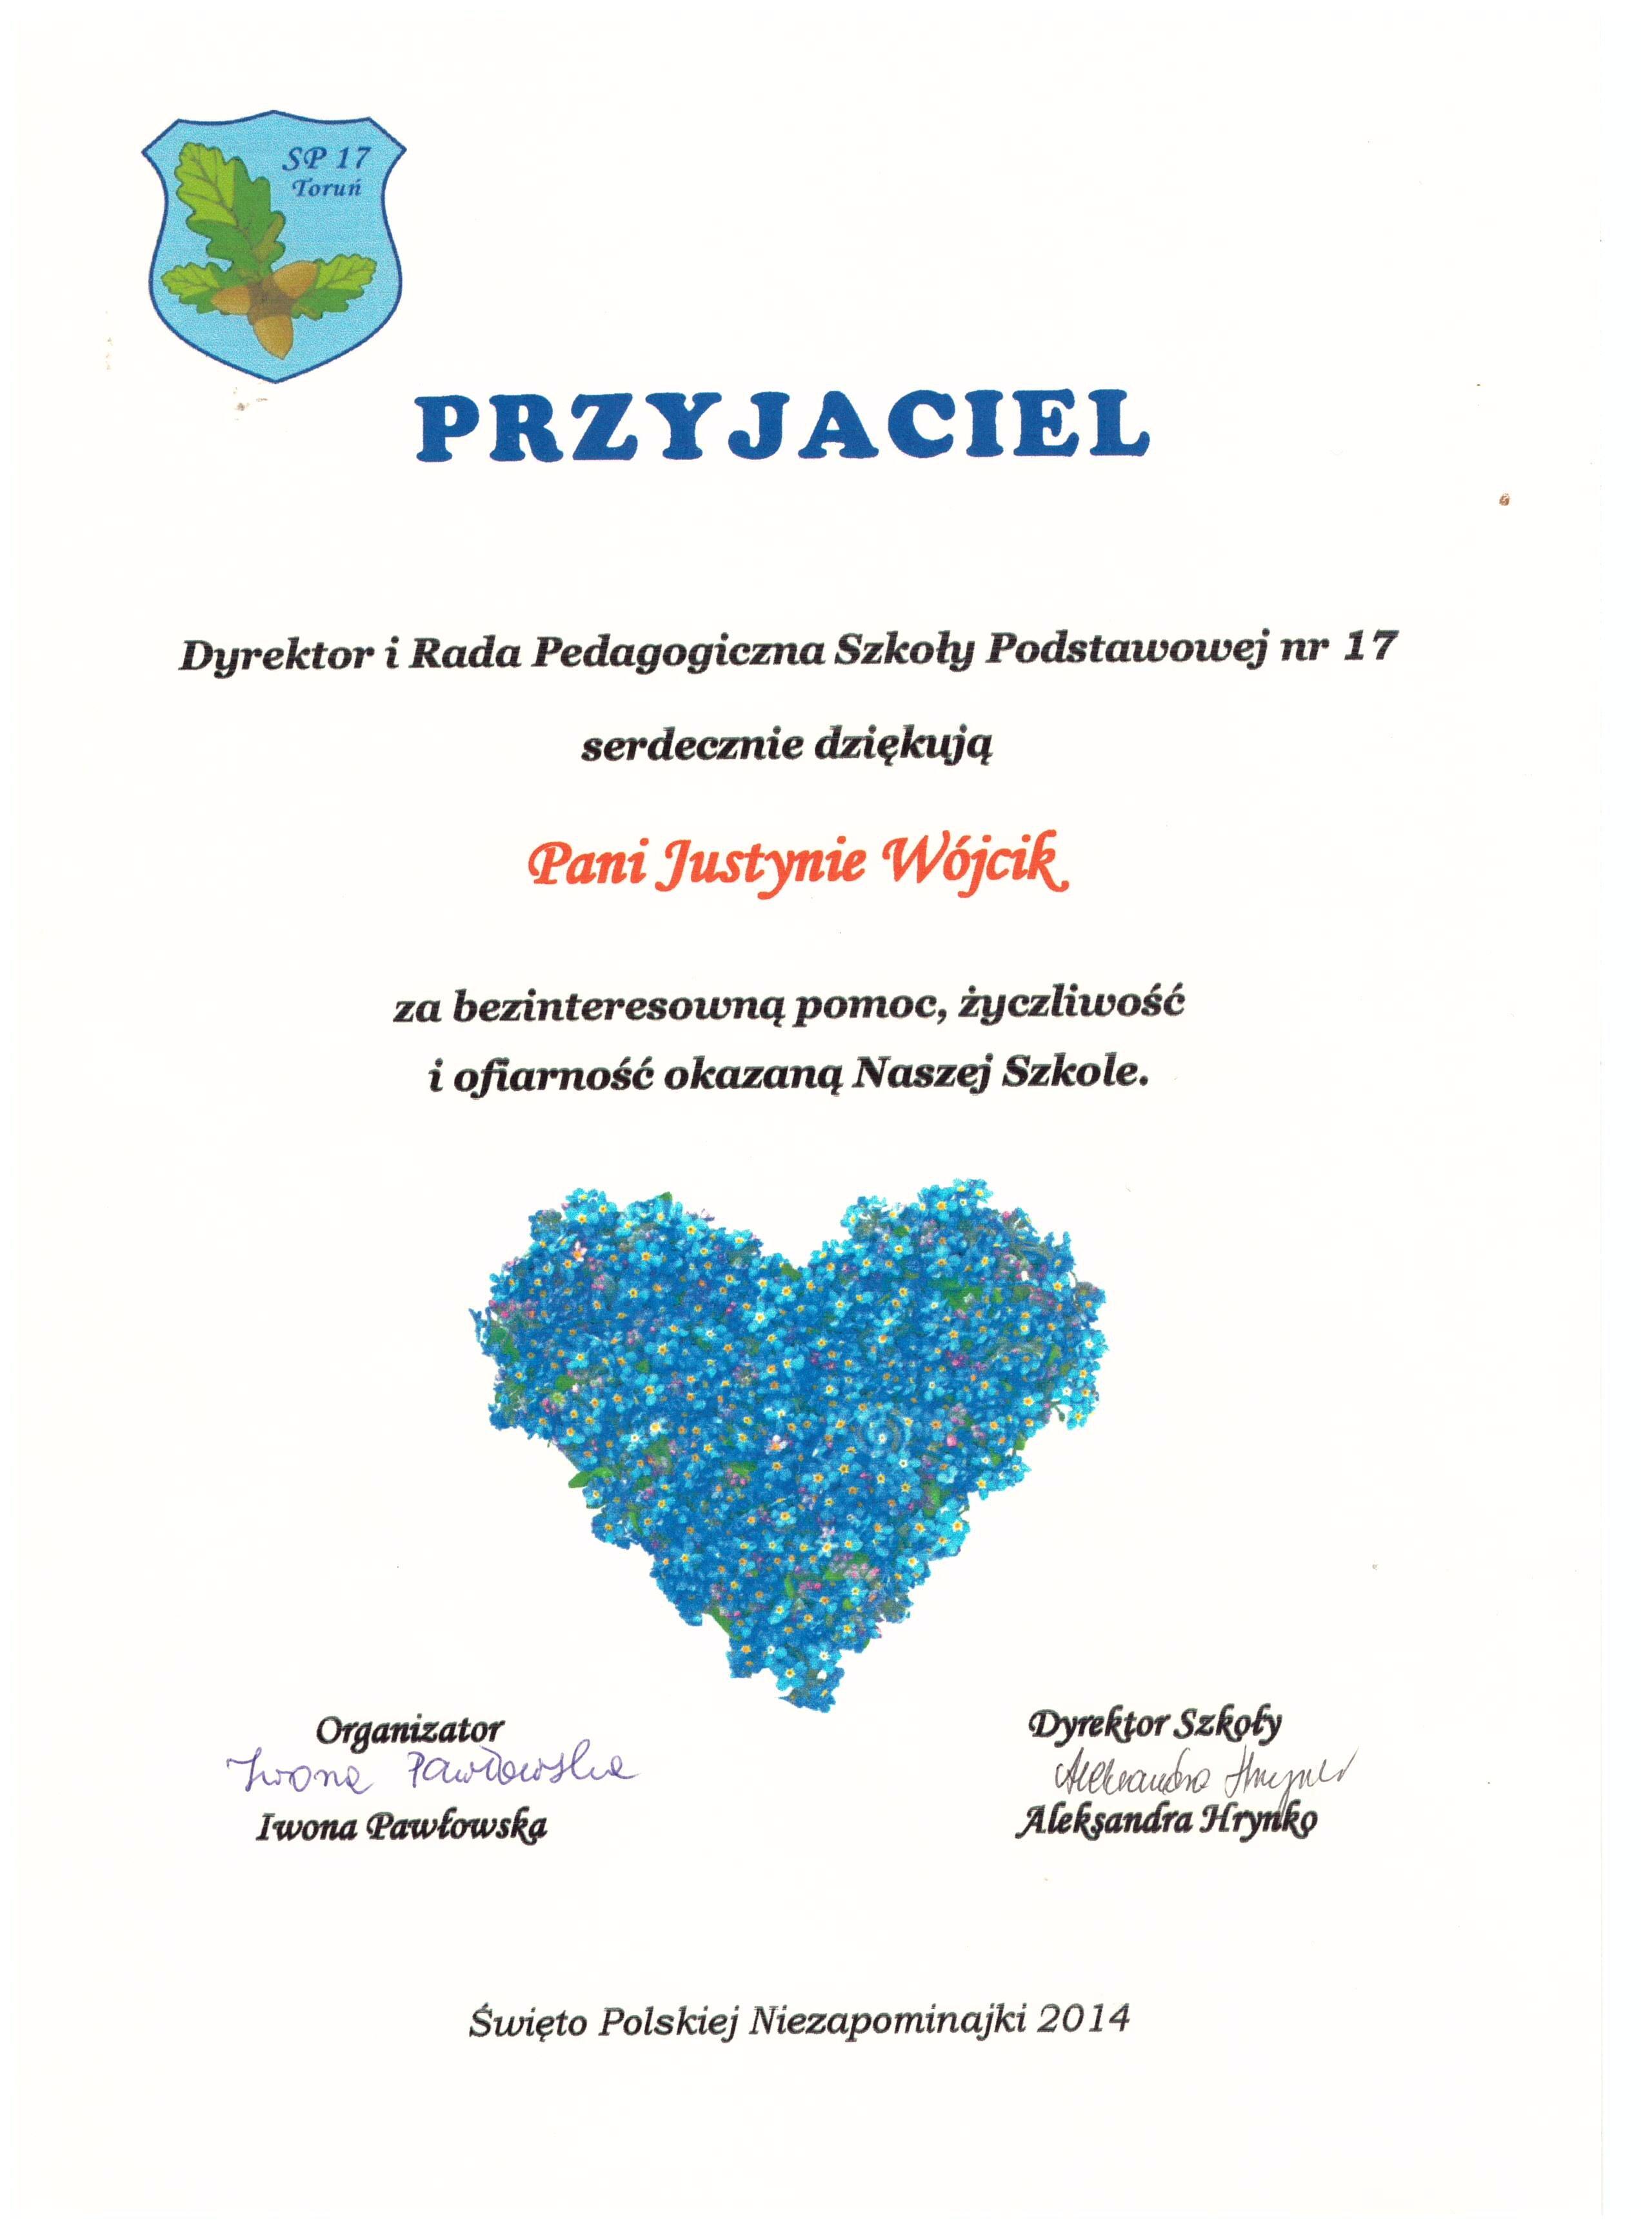 2014 - Święto Polskiej Niezapominajki